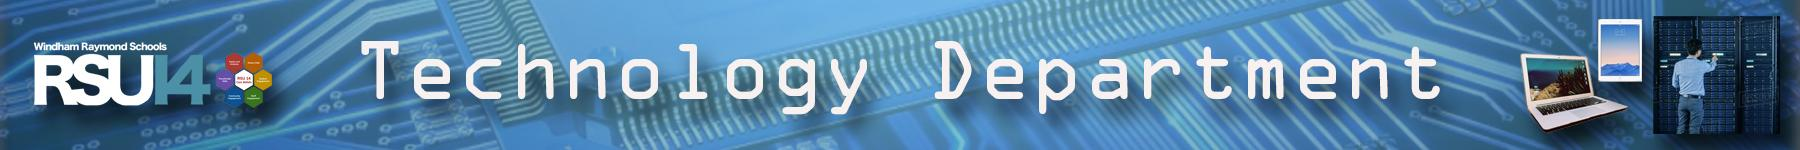 Technology Department Banner